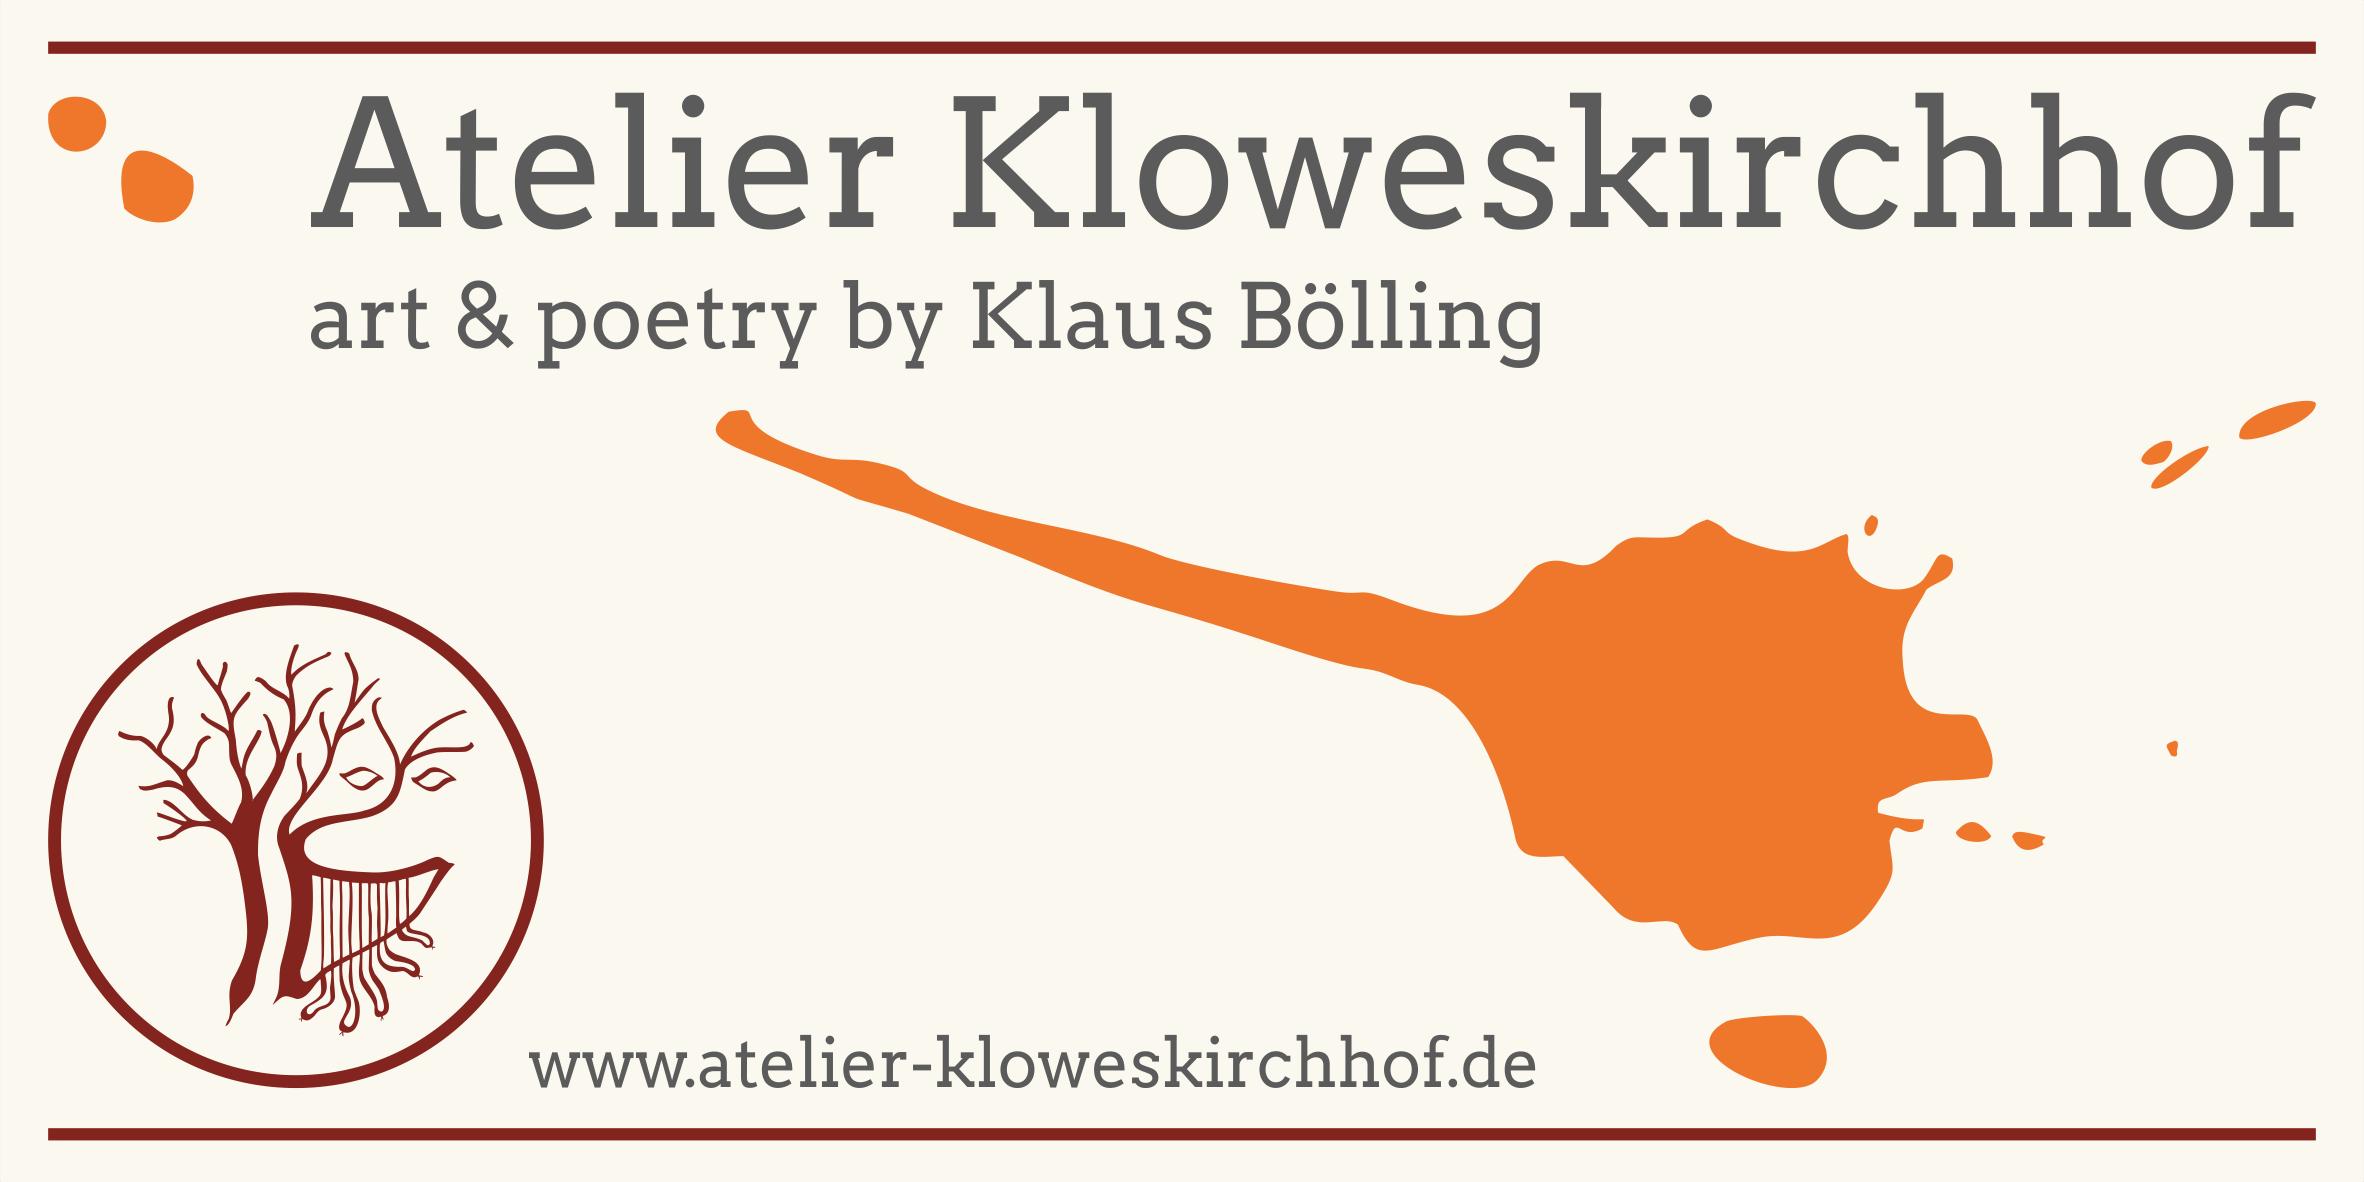 Atelier Kloweskirchhof